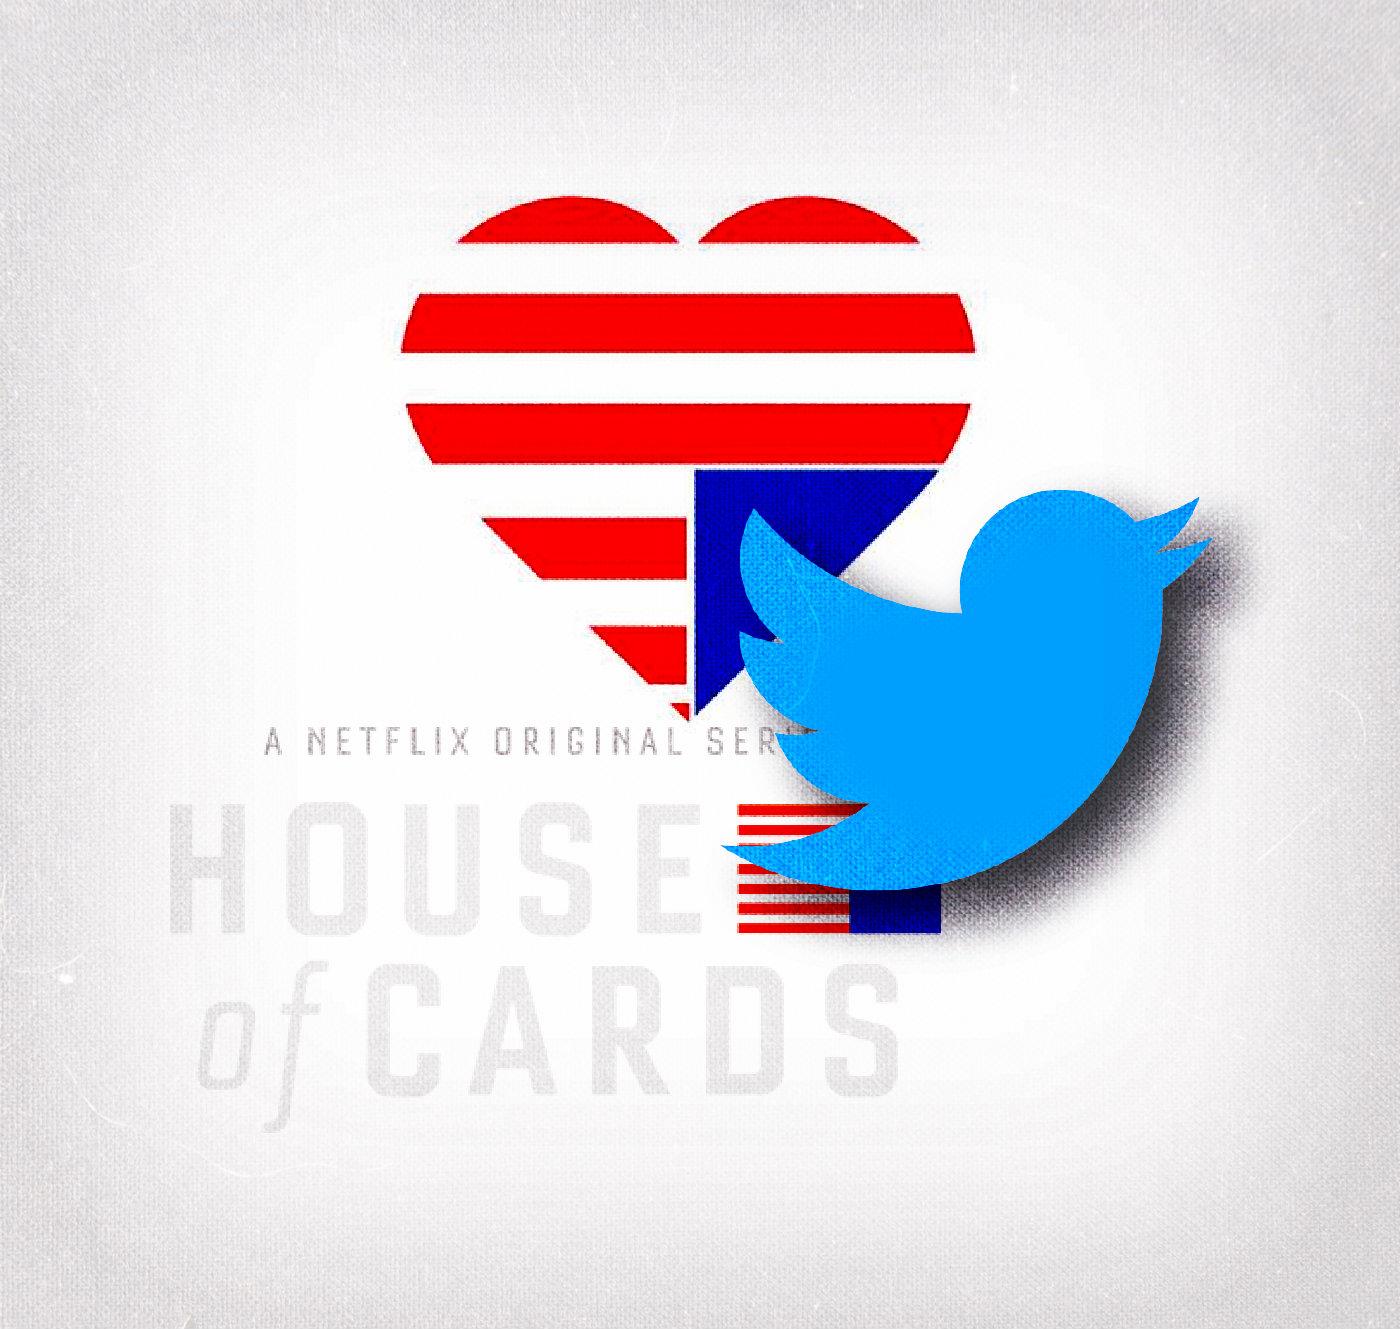 houseofcard